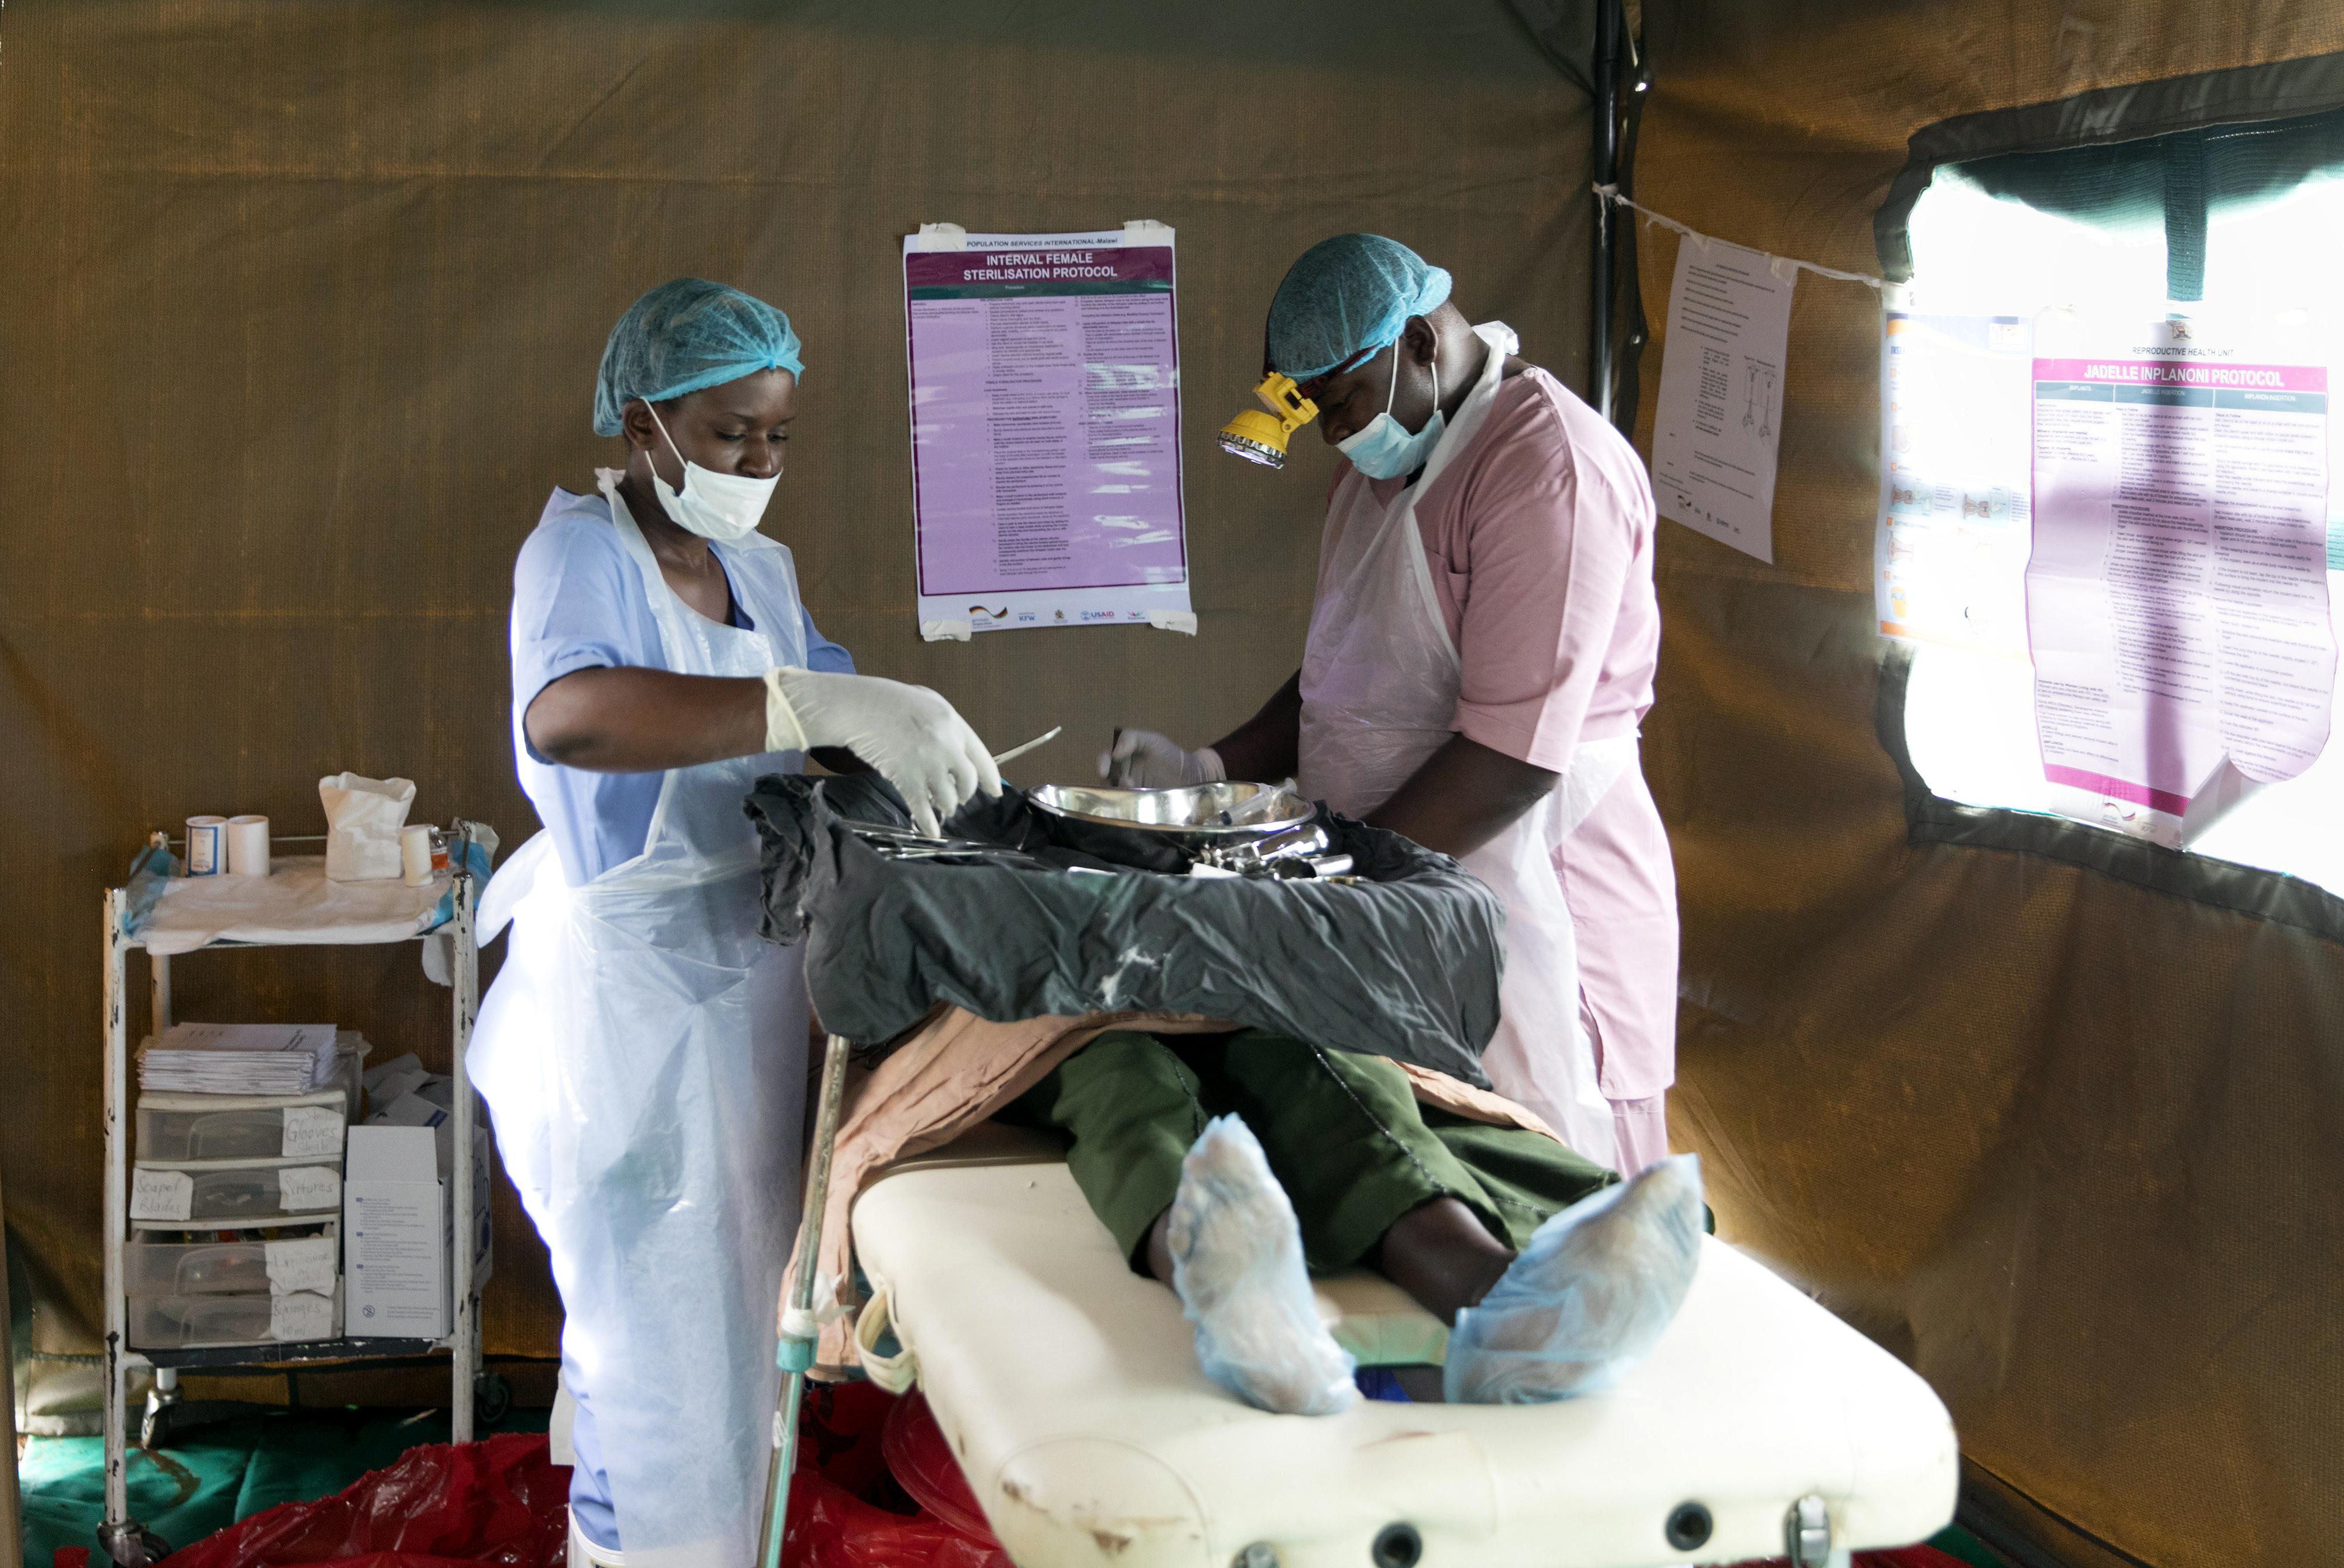 Operation in einem Zeltkrankenhaus in Malawi